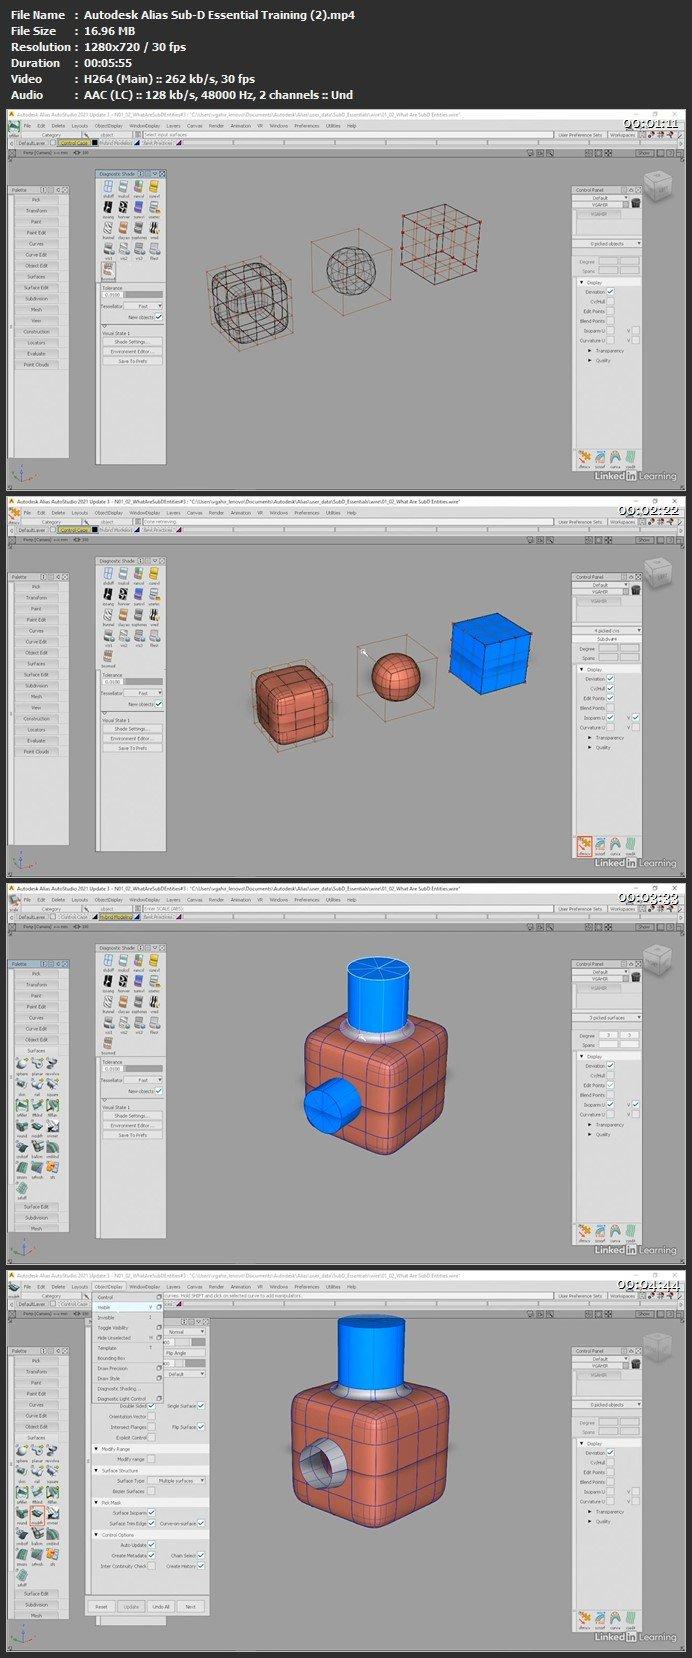 Autodesk Alias Sub-D Essential Training